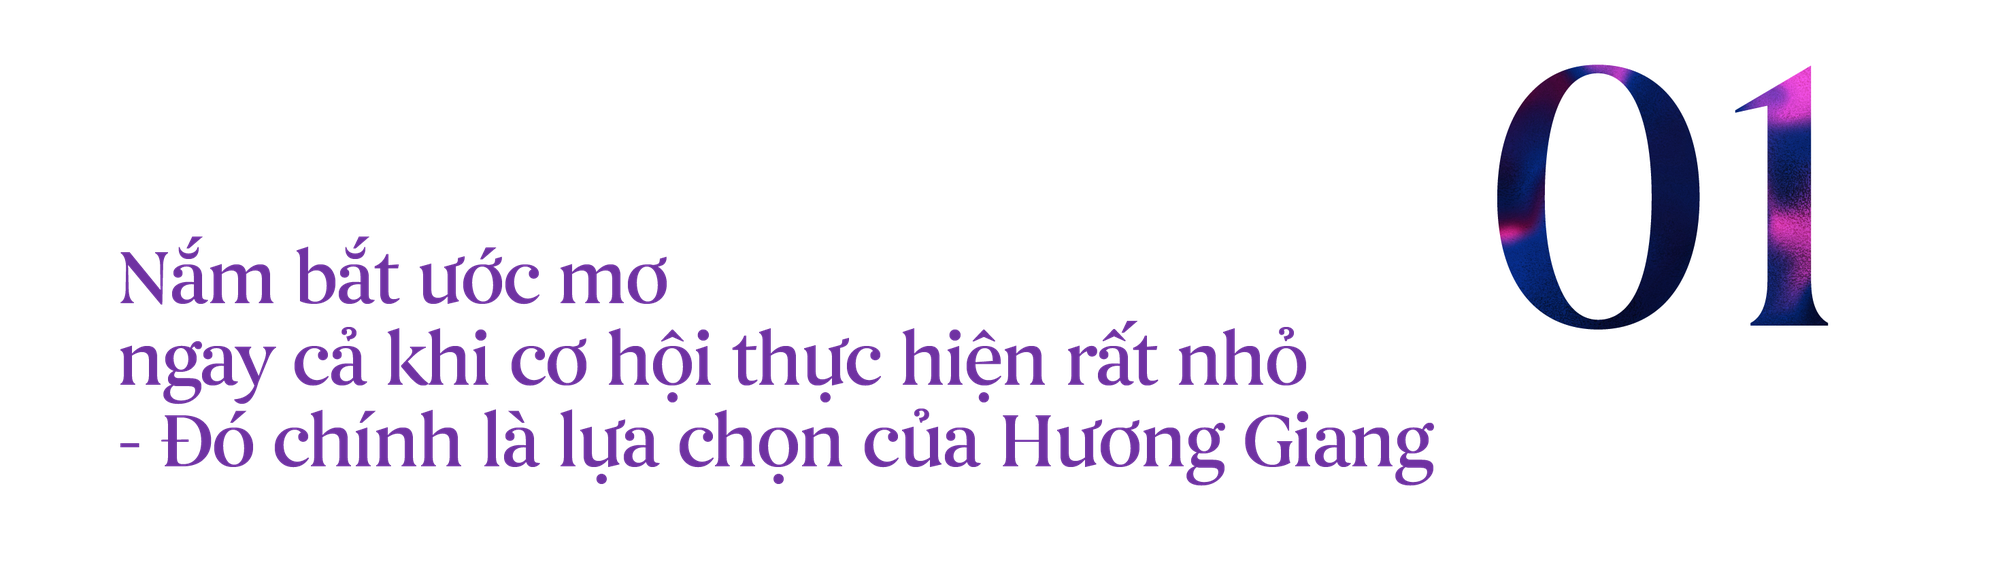 """Hoa hậu Hương Giang: """"Tôi tự hào với những điều bất công trong cuộc sống"""" - Ảnh 1."""